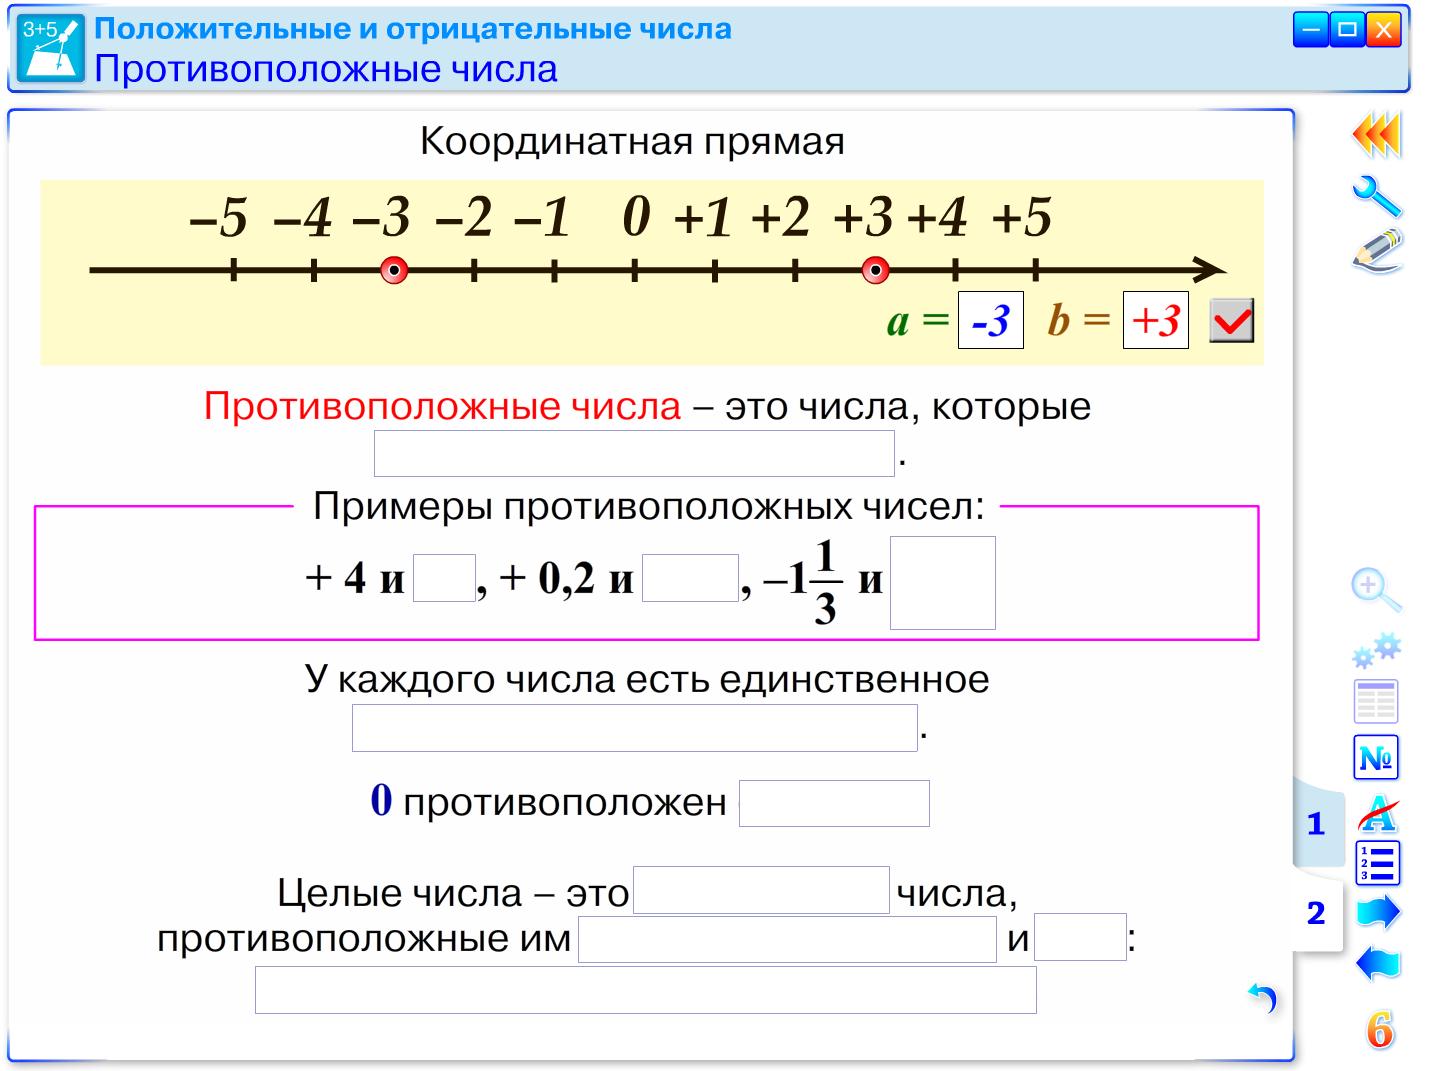 Реферат на тему координатная прямая 4109